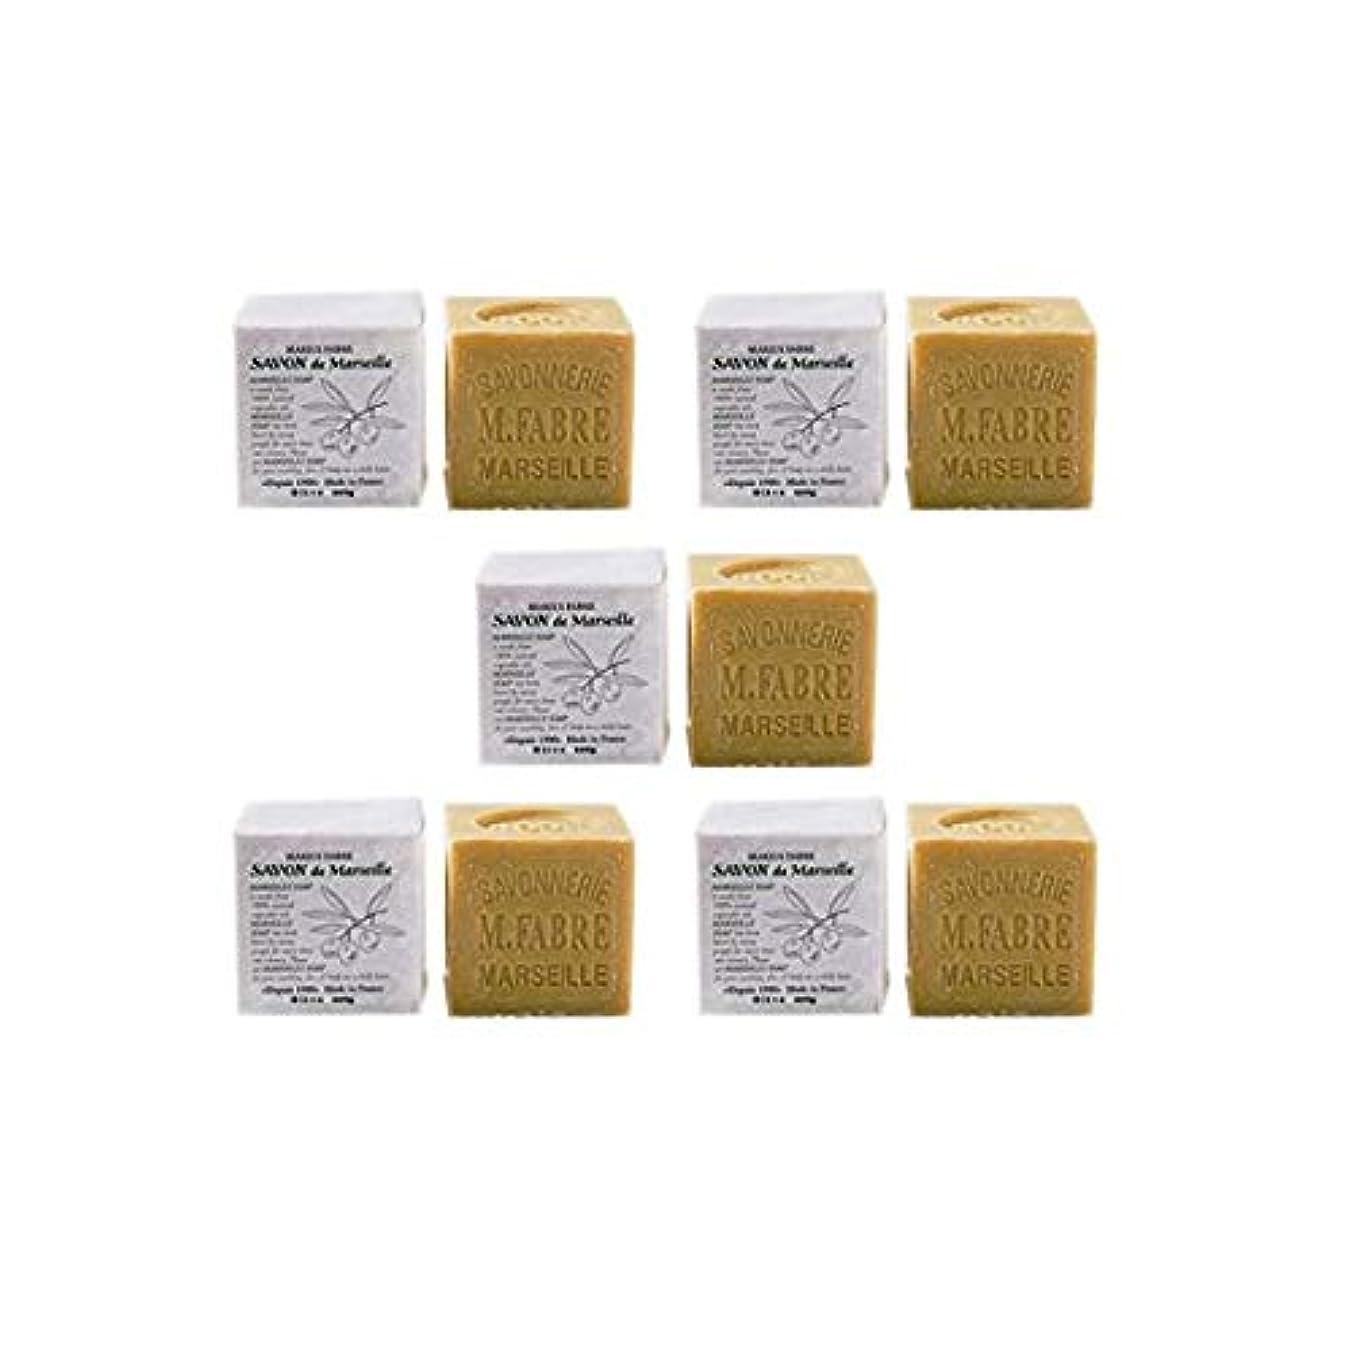 通り少年より平らなマリウスファーブルジューン サボンドマルセイユ無香料200gオリーブN 5個セット(200g×5個)無添加オリーブ石鹸